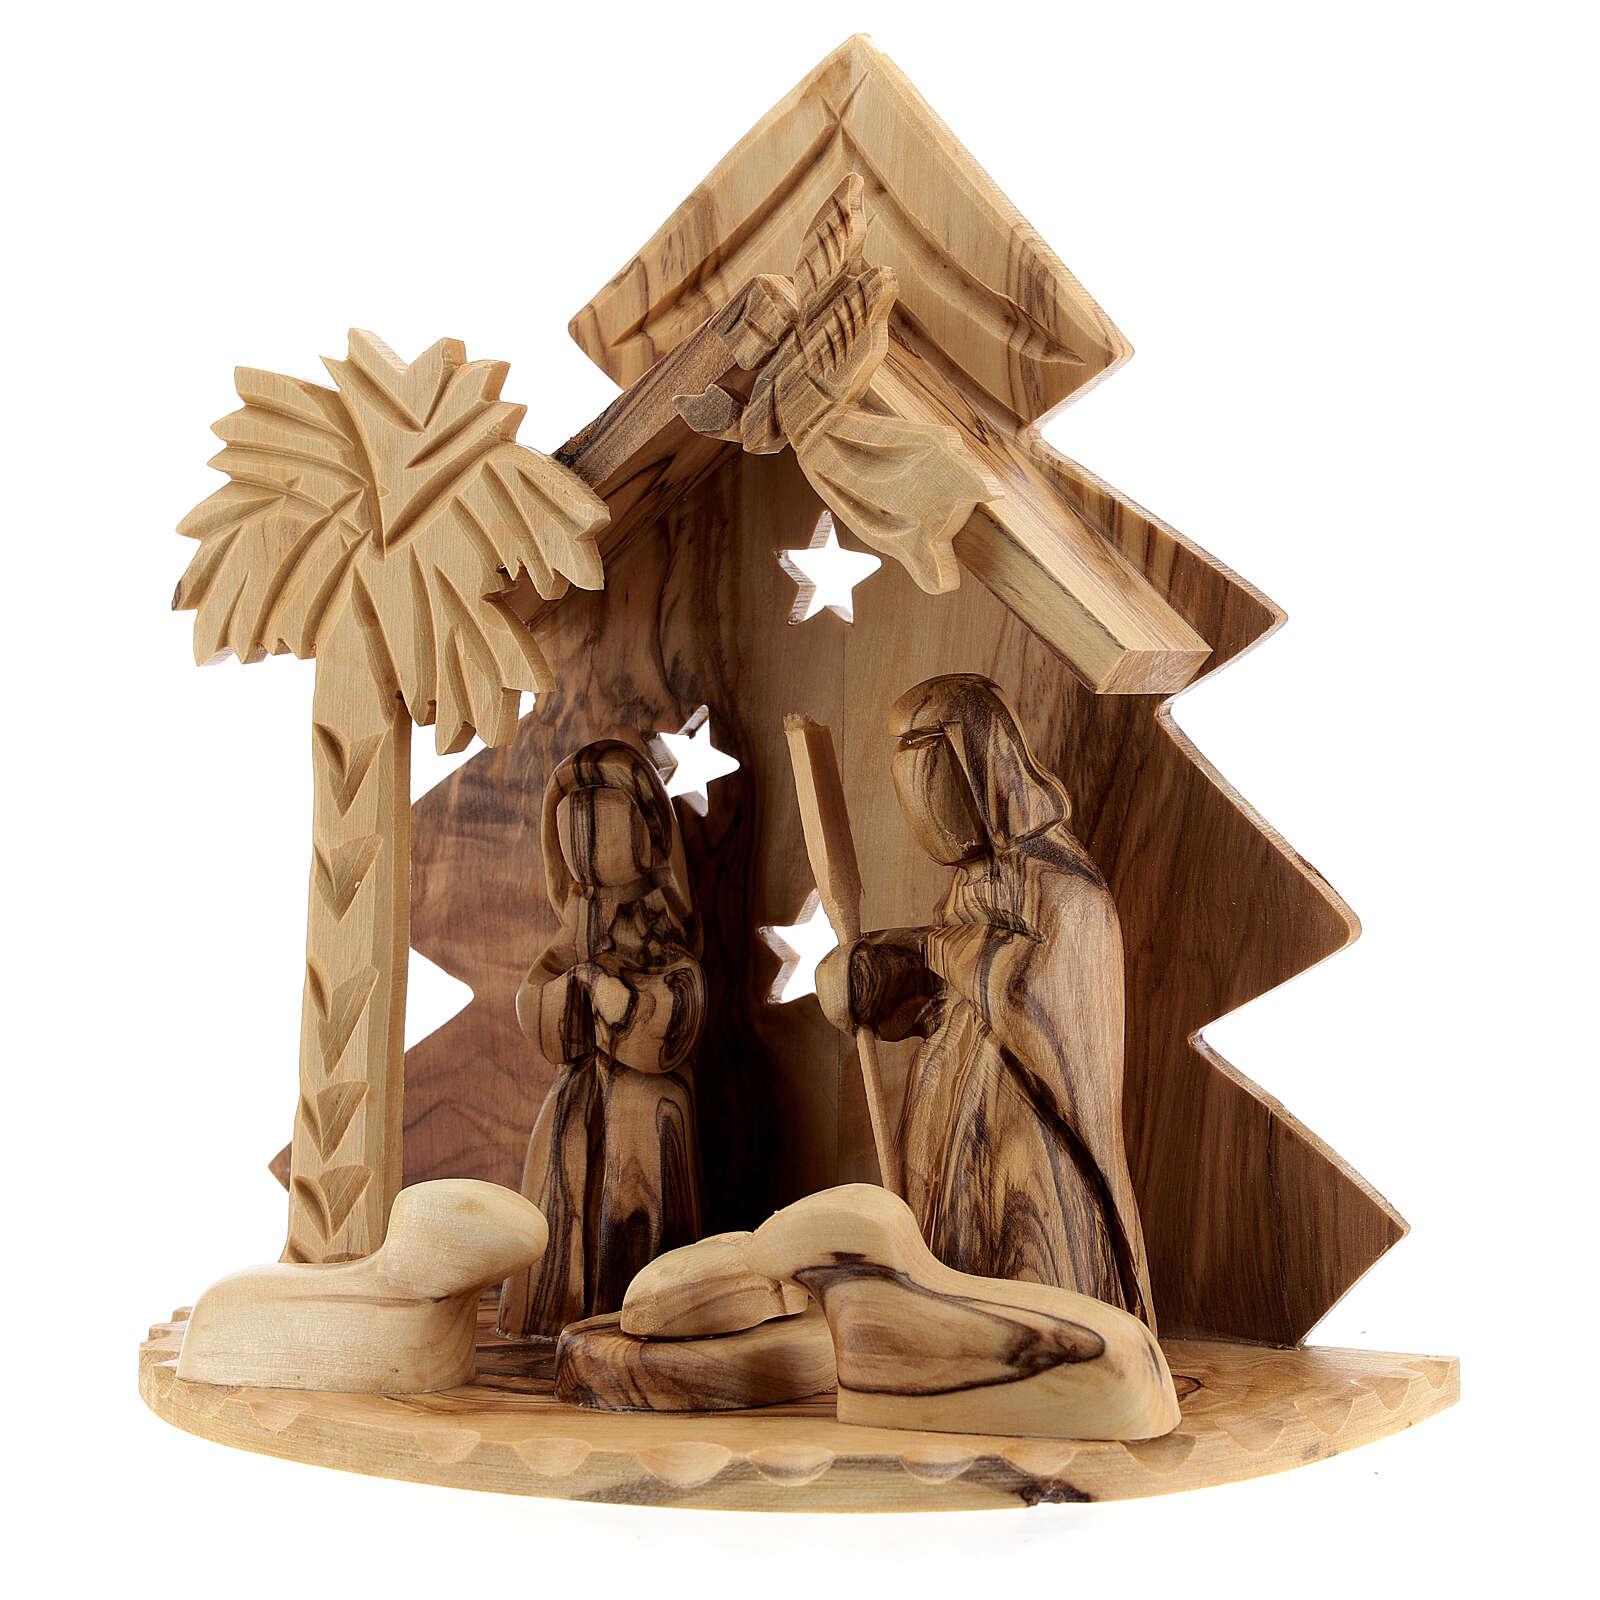 Cabaña Natividad 8 cm árbol estilizado madera olivo Belén 15x15x10 cm 4